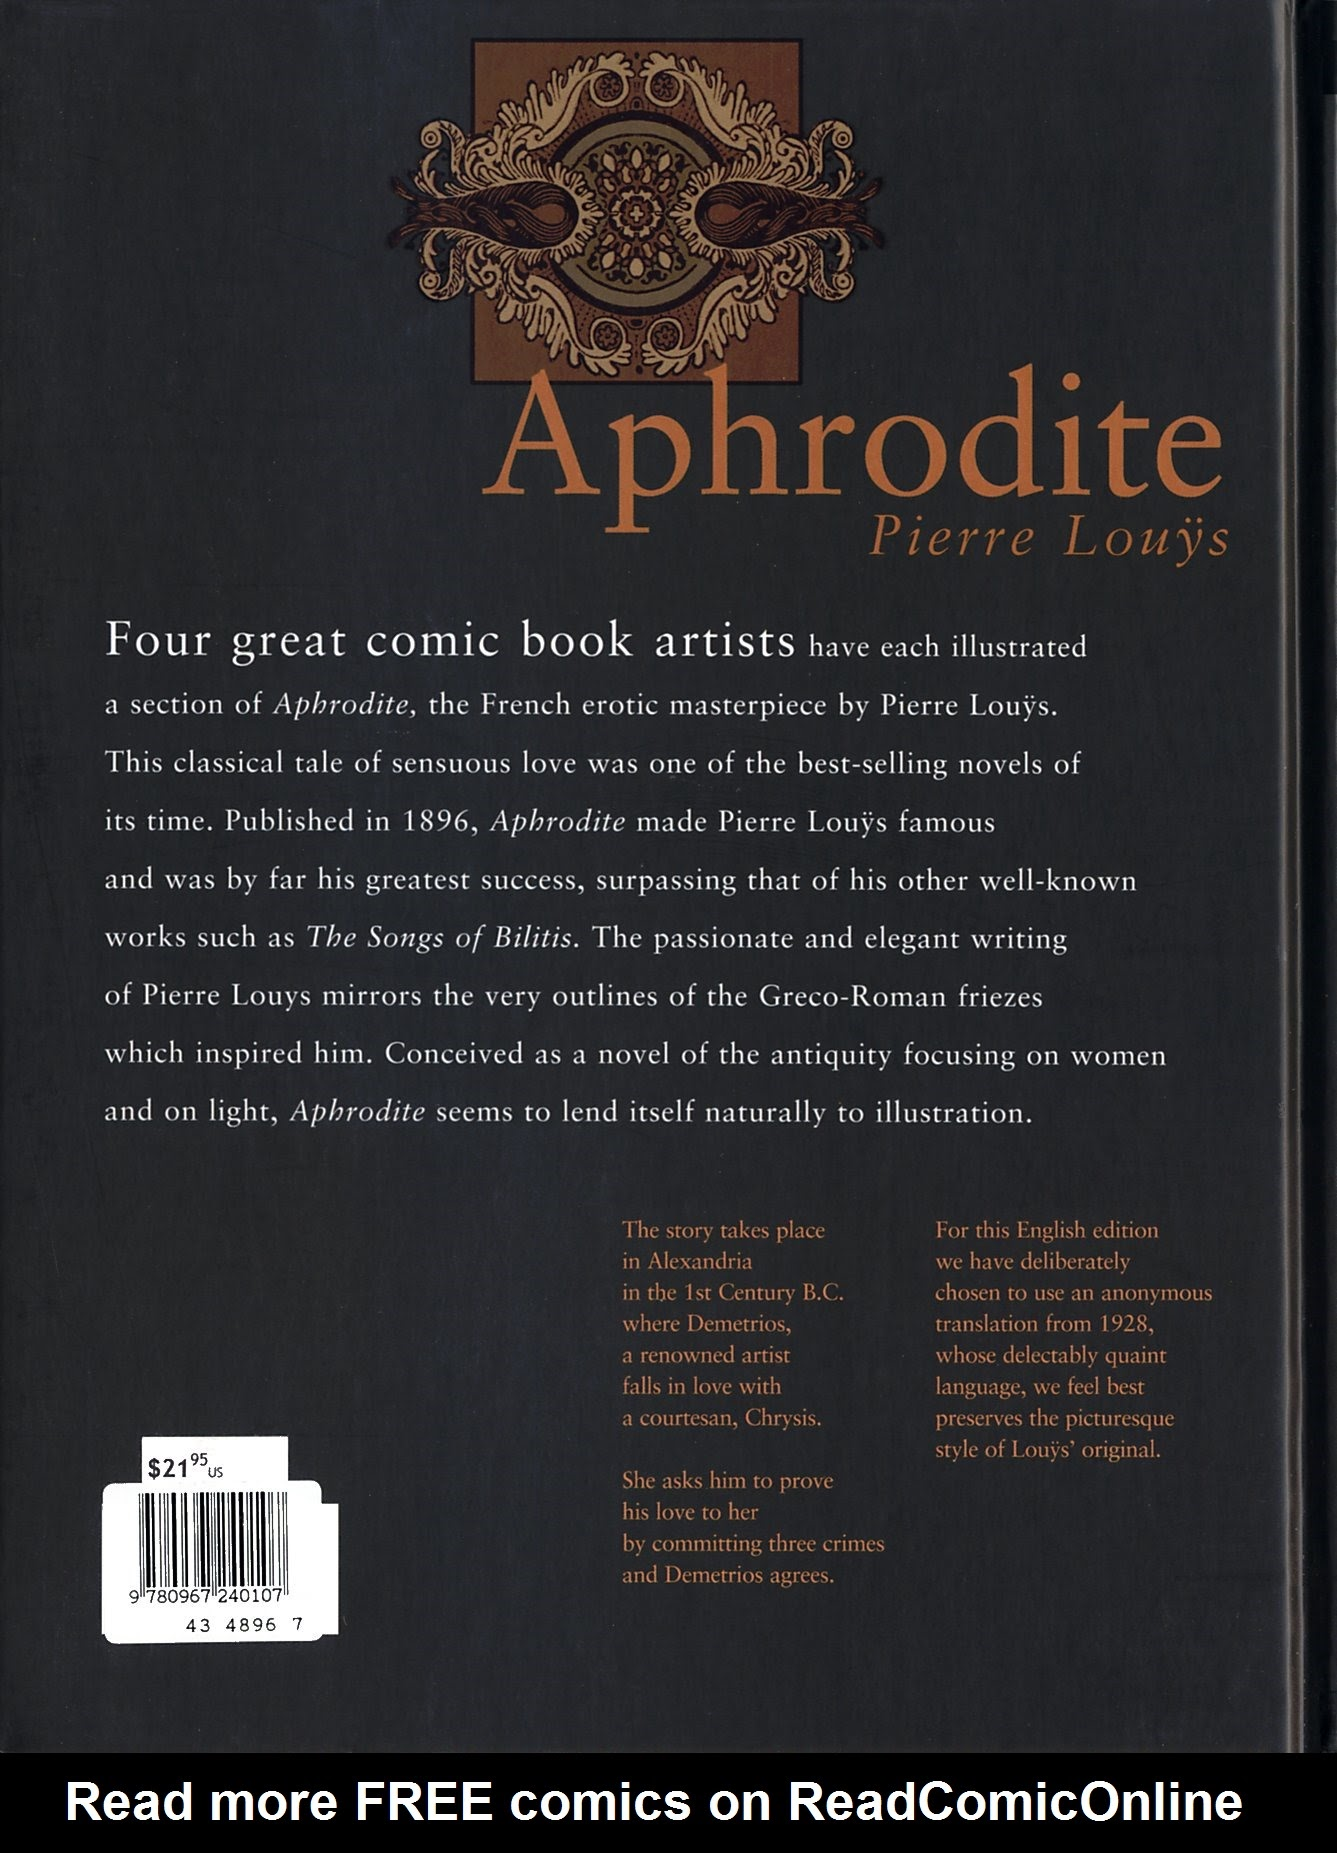 Aphrodite TPB Page 2